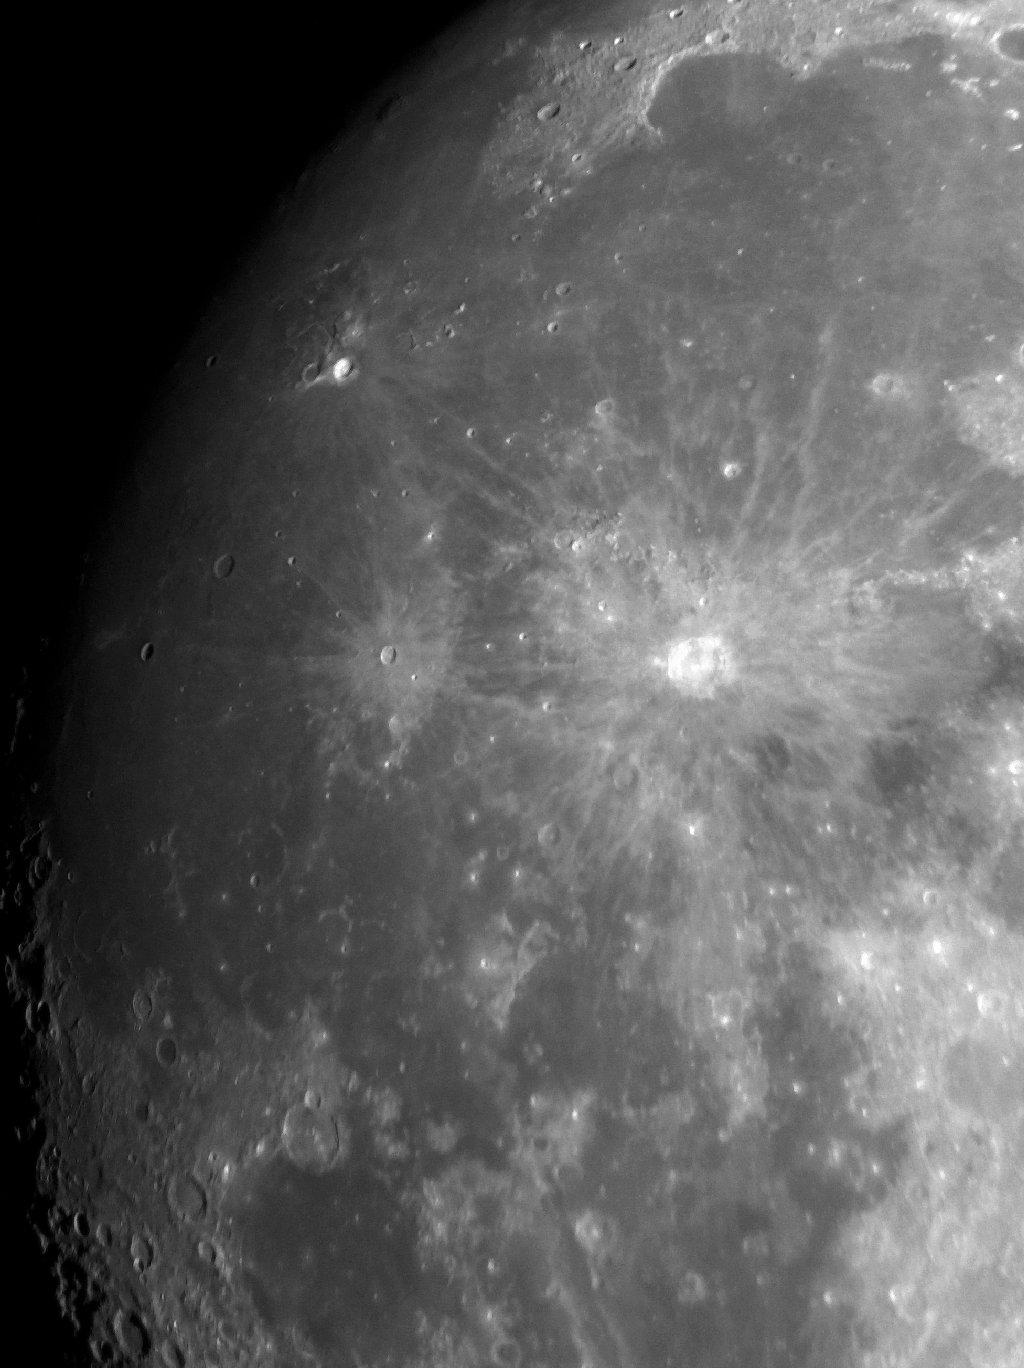 Mond21-4-05_1.jpg